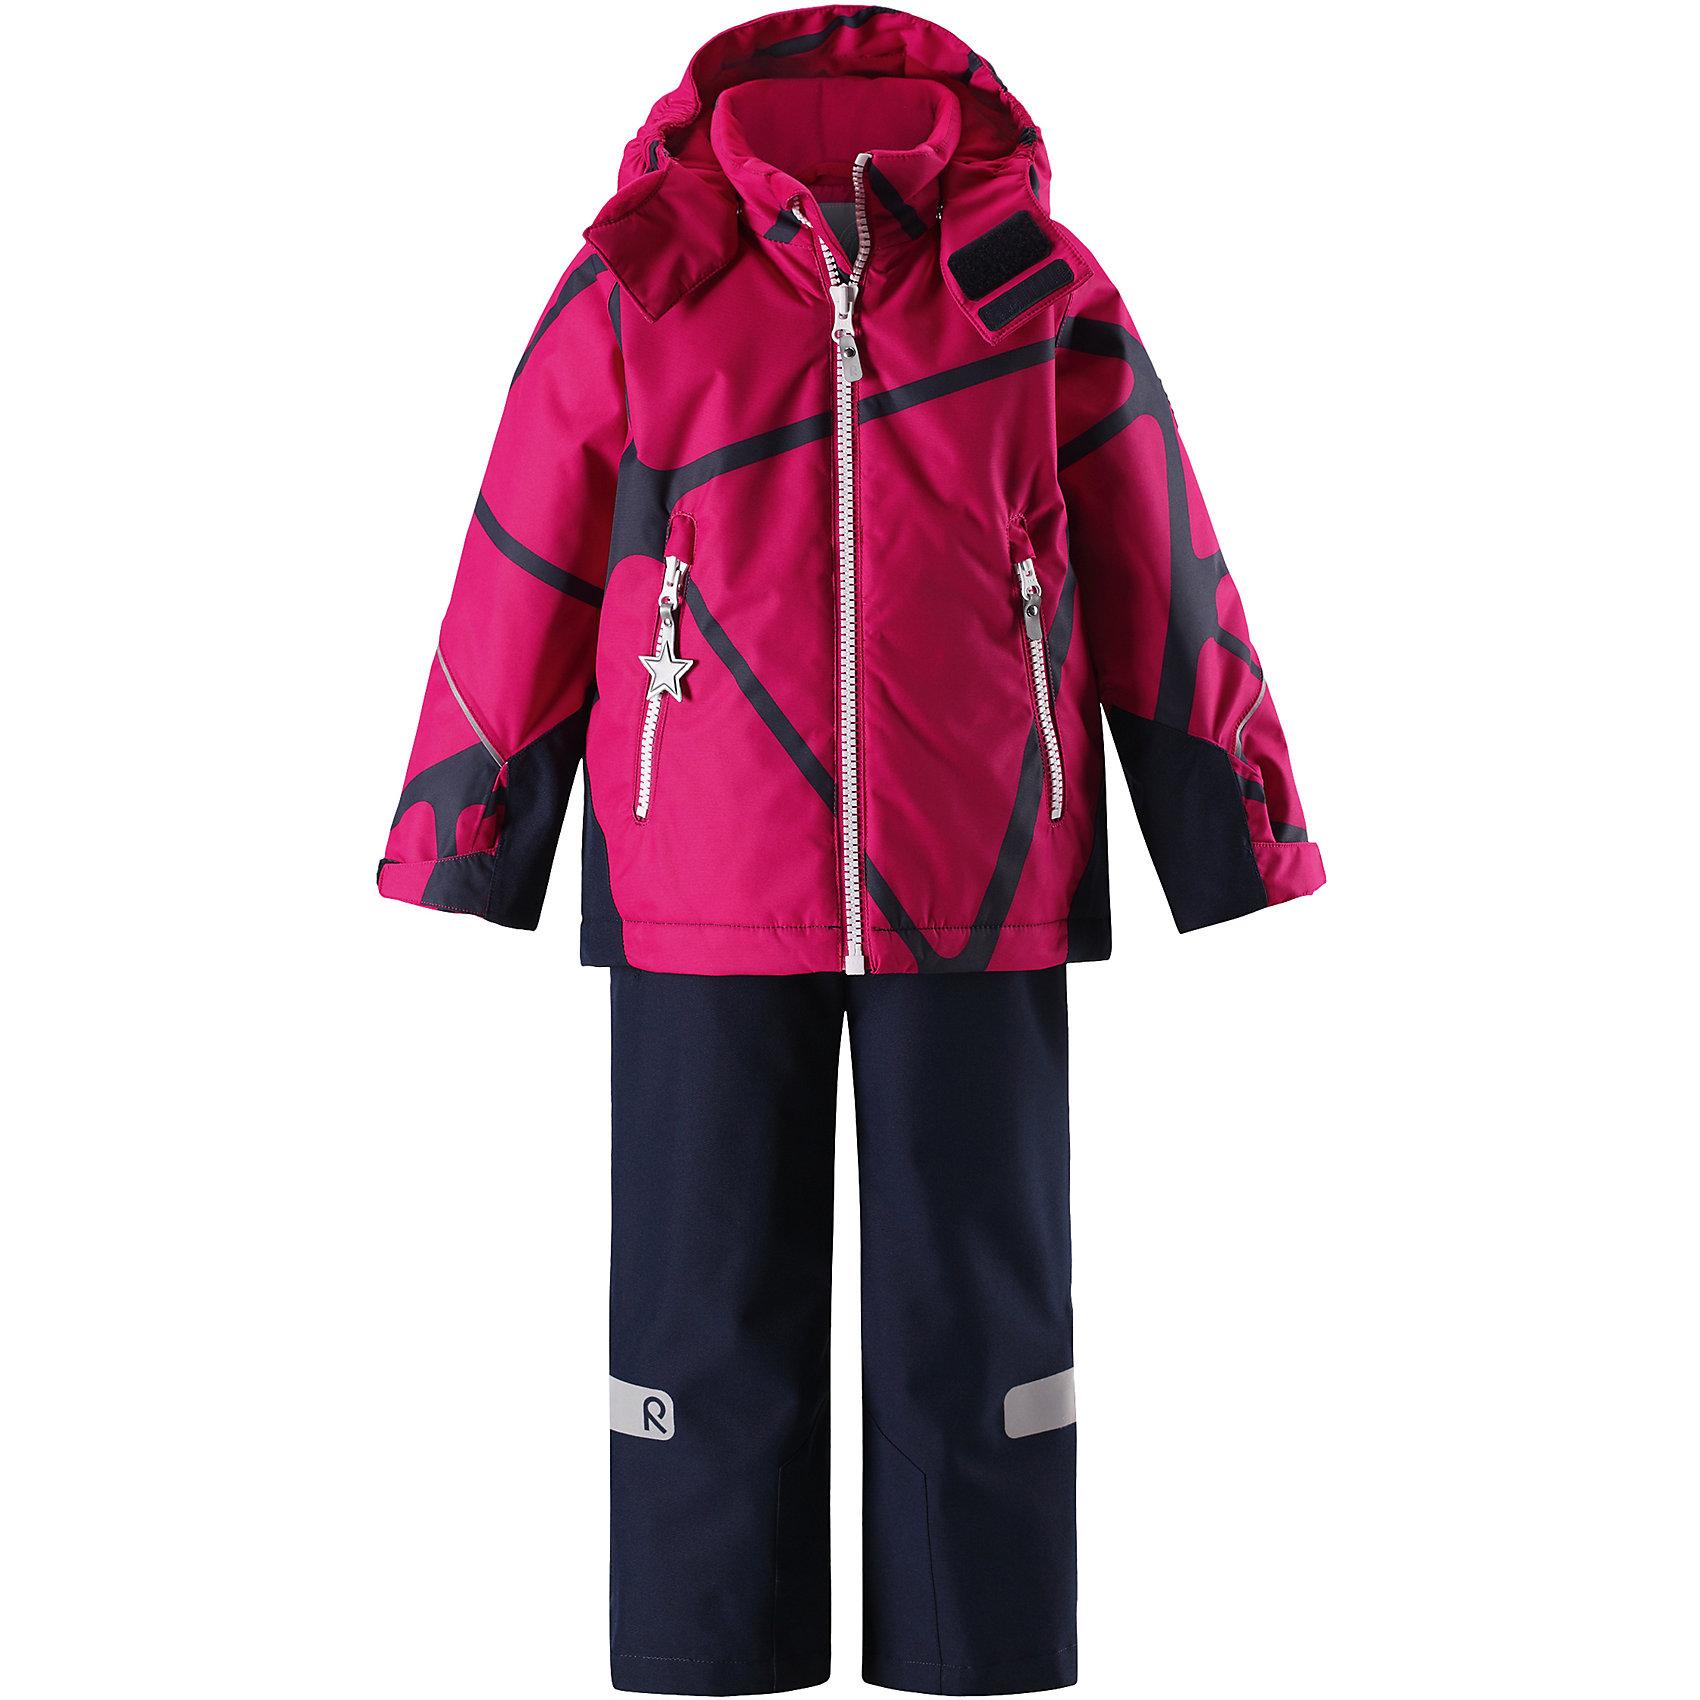 Комплект Reimatec® Reima GraneВерхняя одежда<br>Характеристики товара:<br><br>• цвет: розовый;<br>• состав: 100% полиэстер;<br>• подкладка: 100% полиэстер;<br>• утеплитель: 120 г/м2;<br>• температурный режим: от 0 до -20С;<br>• сезон: зима; <br>• водонепроницаемость: 8000/10000 мм;<br>• воздухопроницаемость: 7000/5000 мм;<br>• износостойкость: 30000/50000 циклов (тест Мартиндейла);<br>• водо- и ветронепроницаемый, дышащий и грязеотталкивающий материал;<br>• все швы проклеены и водонепроницаемы;<br>• куртка на молнии с защитой подбородка, брюки с ширинкой на молнии и пуговицей;<br>• прочные усиленные вставки на рукавах и спинке;<br>• безопасный съемный капюшон;<br>• регулируемые манжеты на липучке;<br>• регулируемый подол;<br>• снегозащитные манжеты на штанинах;<br>• регулируемые и отстегивающиеся эластичные подтяжки;<br>• карманы на молнии;<br>• светоотражающие детали;<br>• страна бренда: Финляндия;<br>• страна изготовитель: Китай.<br><br>Сверхпрочный детский зимний комплект Reimatec ® Kiddo. Функциональная куртка Reimatec ® Kiddo изготовлена из износостойкого, дышащего, водо и ветронепроницаемого материала с водо и грязеотталкивающей поверхностью. Все швы проклеены, водонепроницаемы. Рукава и спинка снабжены прочными усилениями, которые защищают участки, больше всего подверженные износу во время подвижных игр и катания на санках. <br><br>У этой модели прямой покрой с регулируемой талией и подолом, так что силуэт можно сделать более облегающим. Концы рукавов тоже регулируются застежкой на липучке, как раз под ширину перчаток. Съемный капюшон защищает от холодного ветра, а еще обеспечивает дополнительную безопасность во время игр на улице – поскольку он легко отстегнется, если случайно за что-нибудь зацепится. <br><br>По краю капюшона предусмотрен ветроотражатель, который обеспечивает шее дополнительную защиту. В брюках имеется ширинка на молнии, регулируемые и съемные эластичными подтяжками, а также защита от снега на концах брючин. Комплект снабжен гладкой подкладк